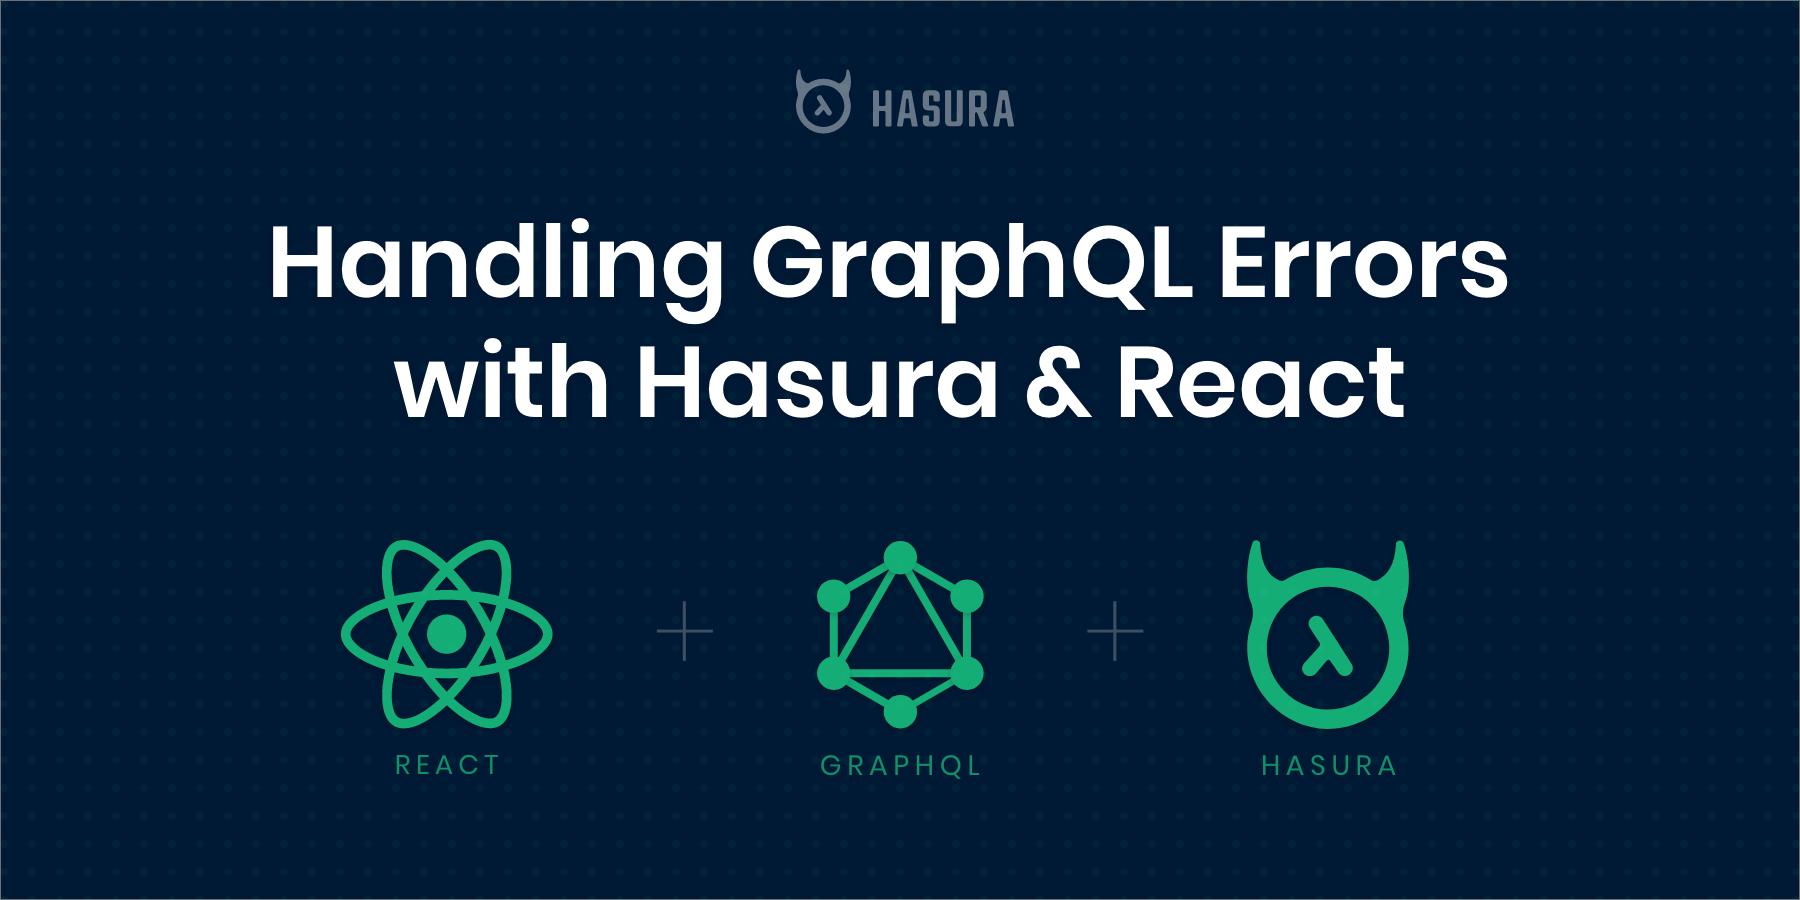 Handling GraphQL Errors with Hasura & React